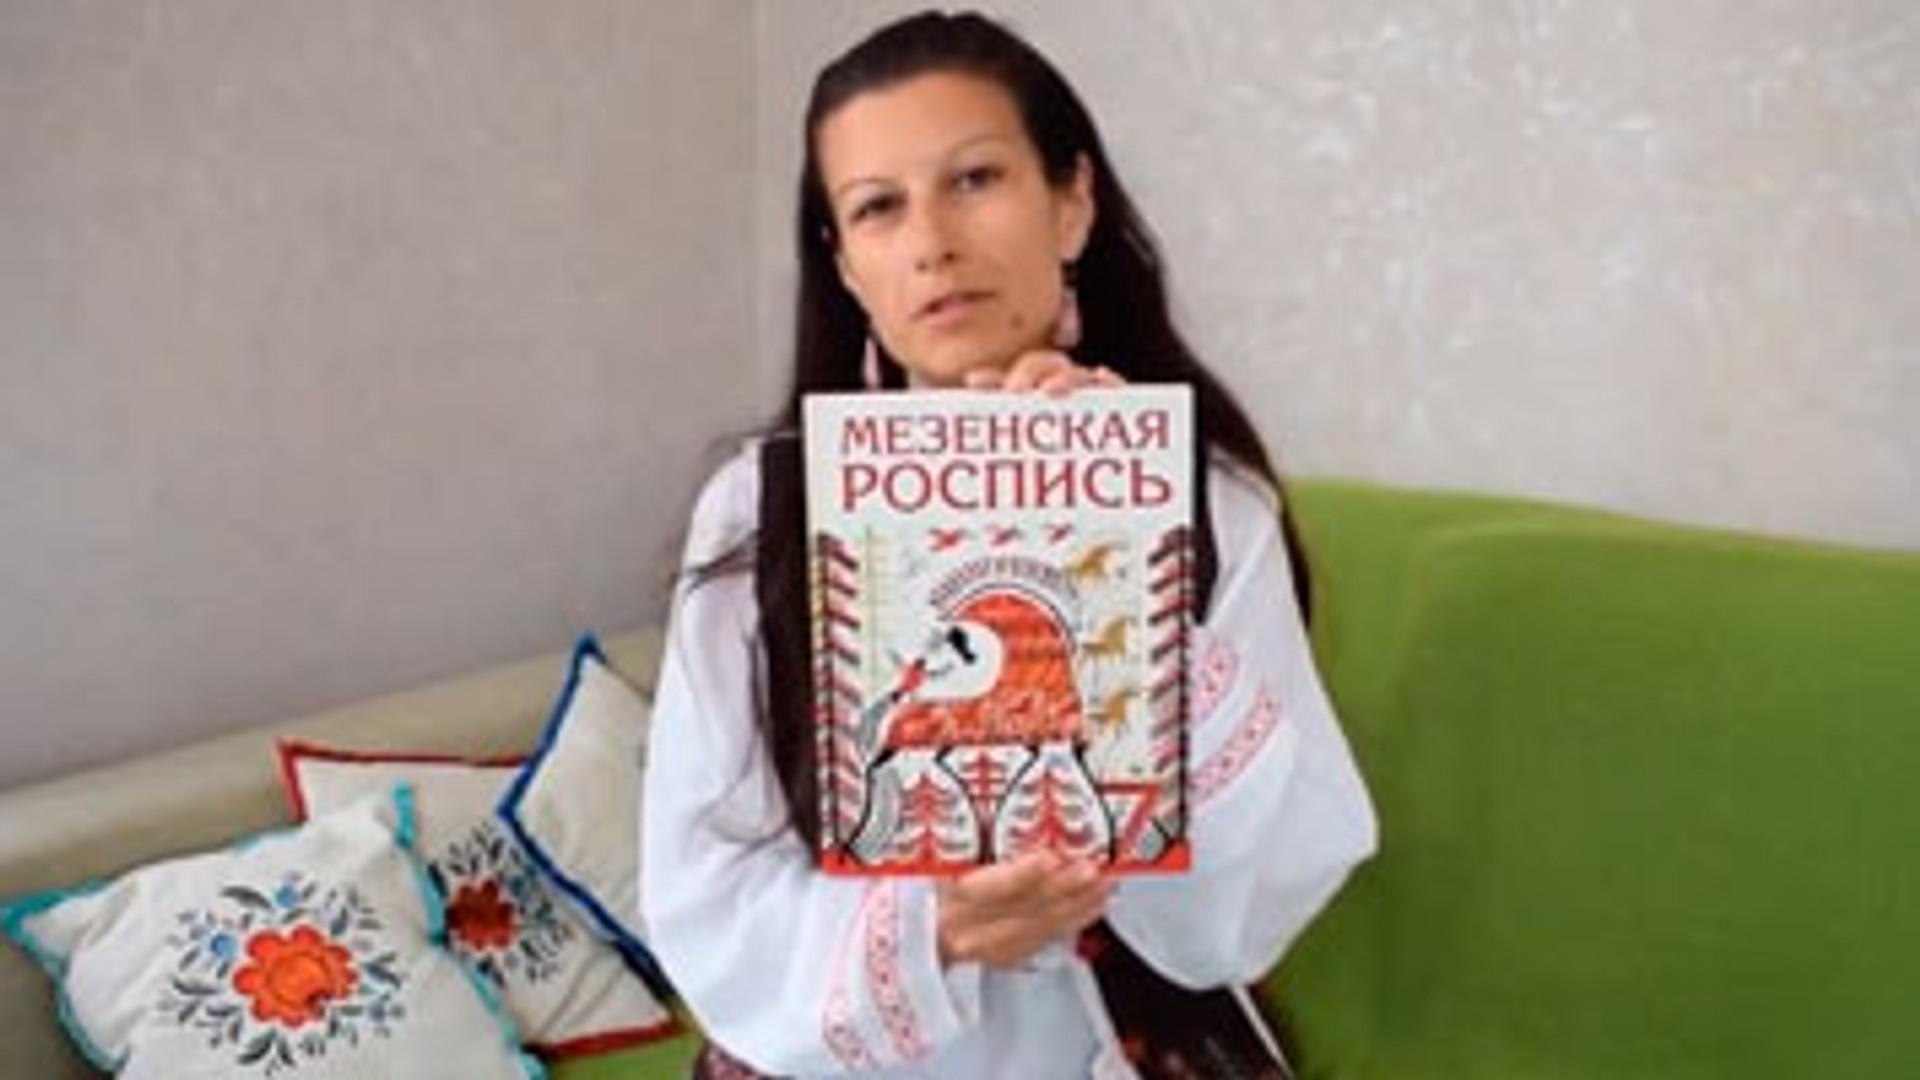 Мезень - русский орнамент. Сделано на Руси. Часть 1.